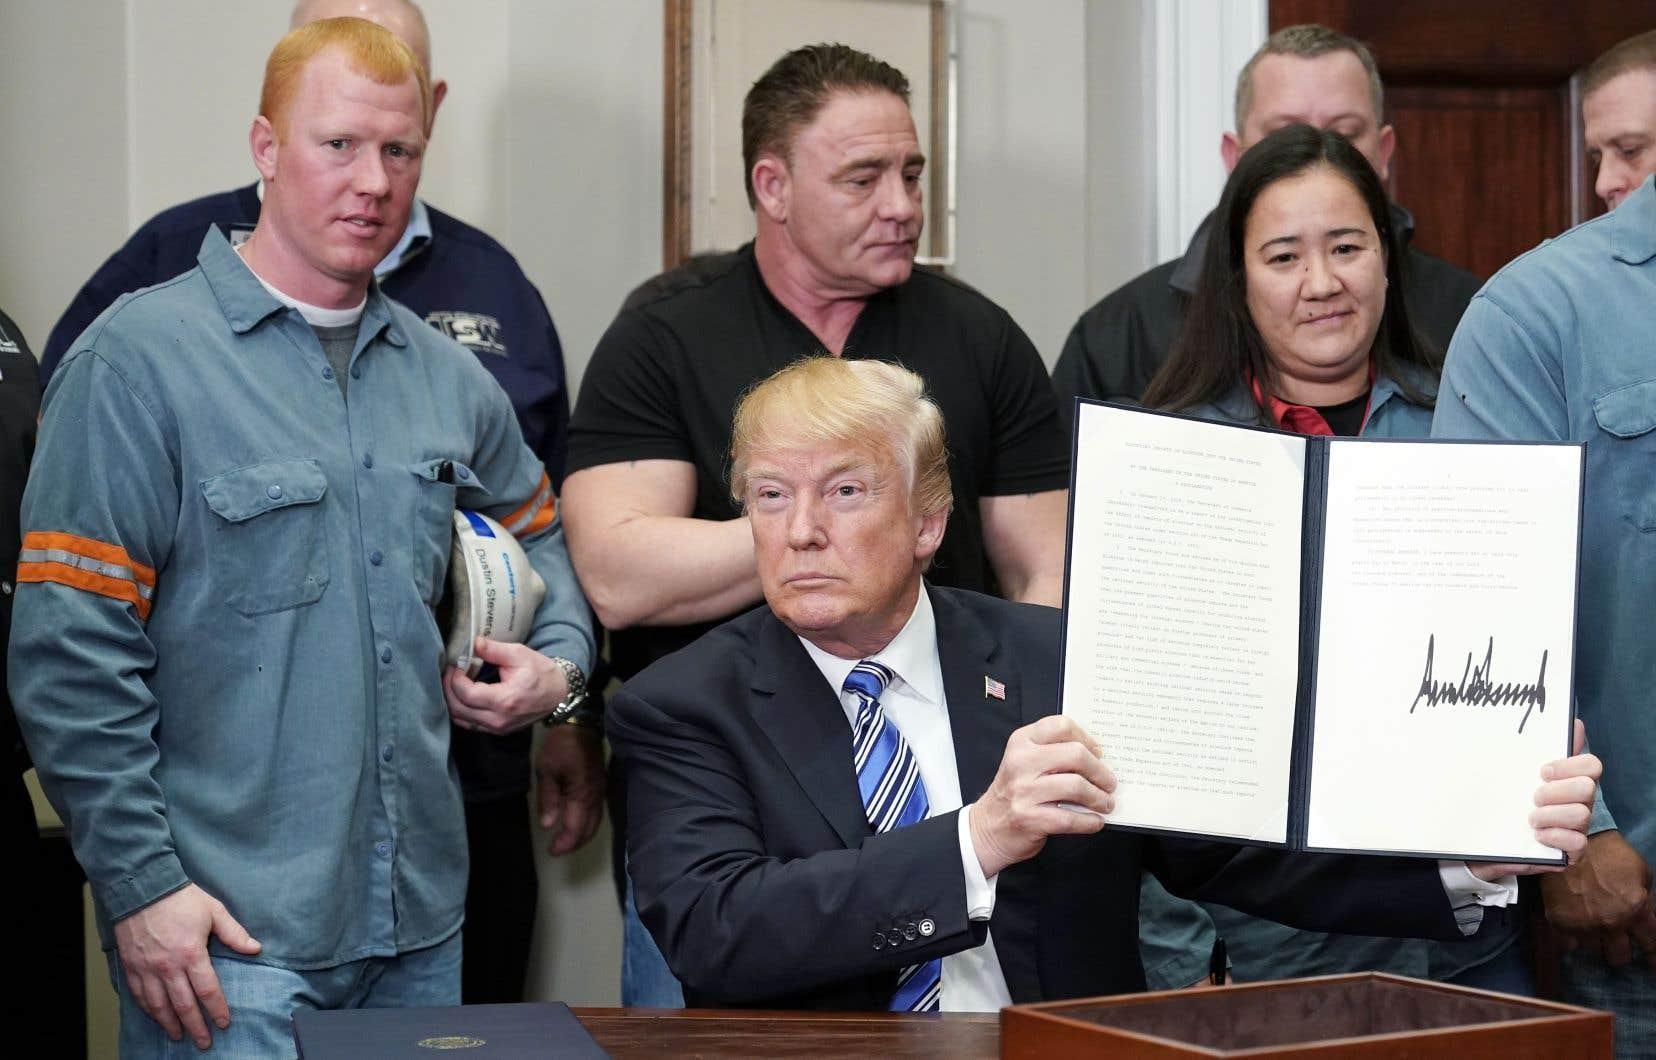 Le président américain, Donald Trump, montre la proclamation instaurant des tarifs sur les importations d'aluminium signée.